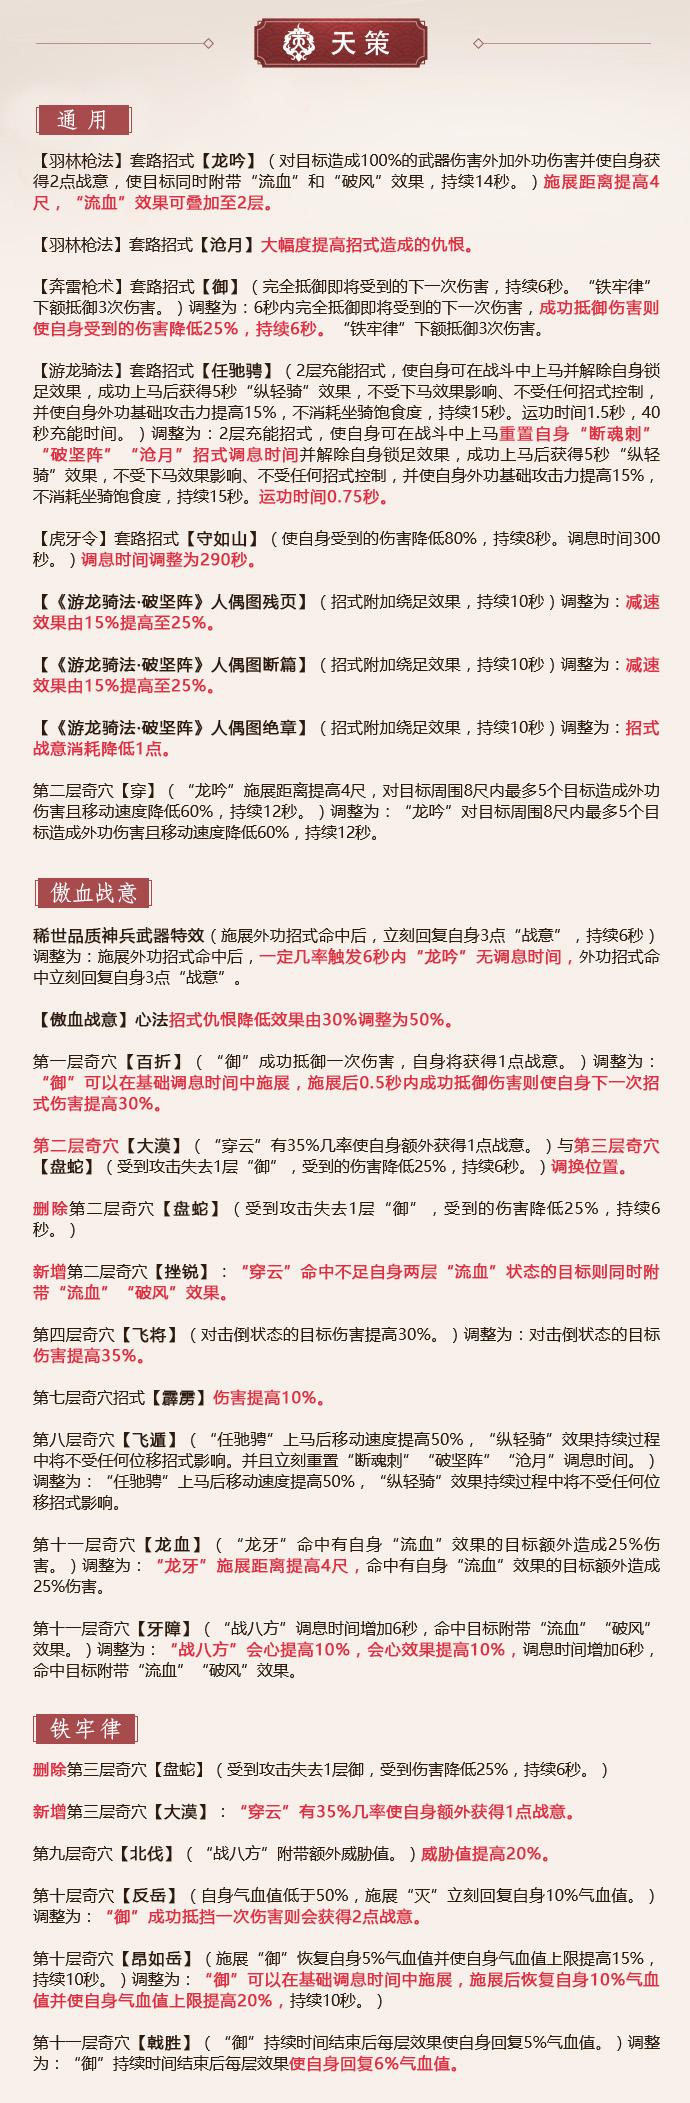 《剑网3》怒海争锋6月20日天策技改